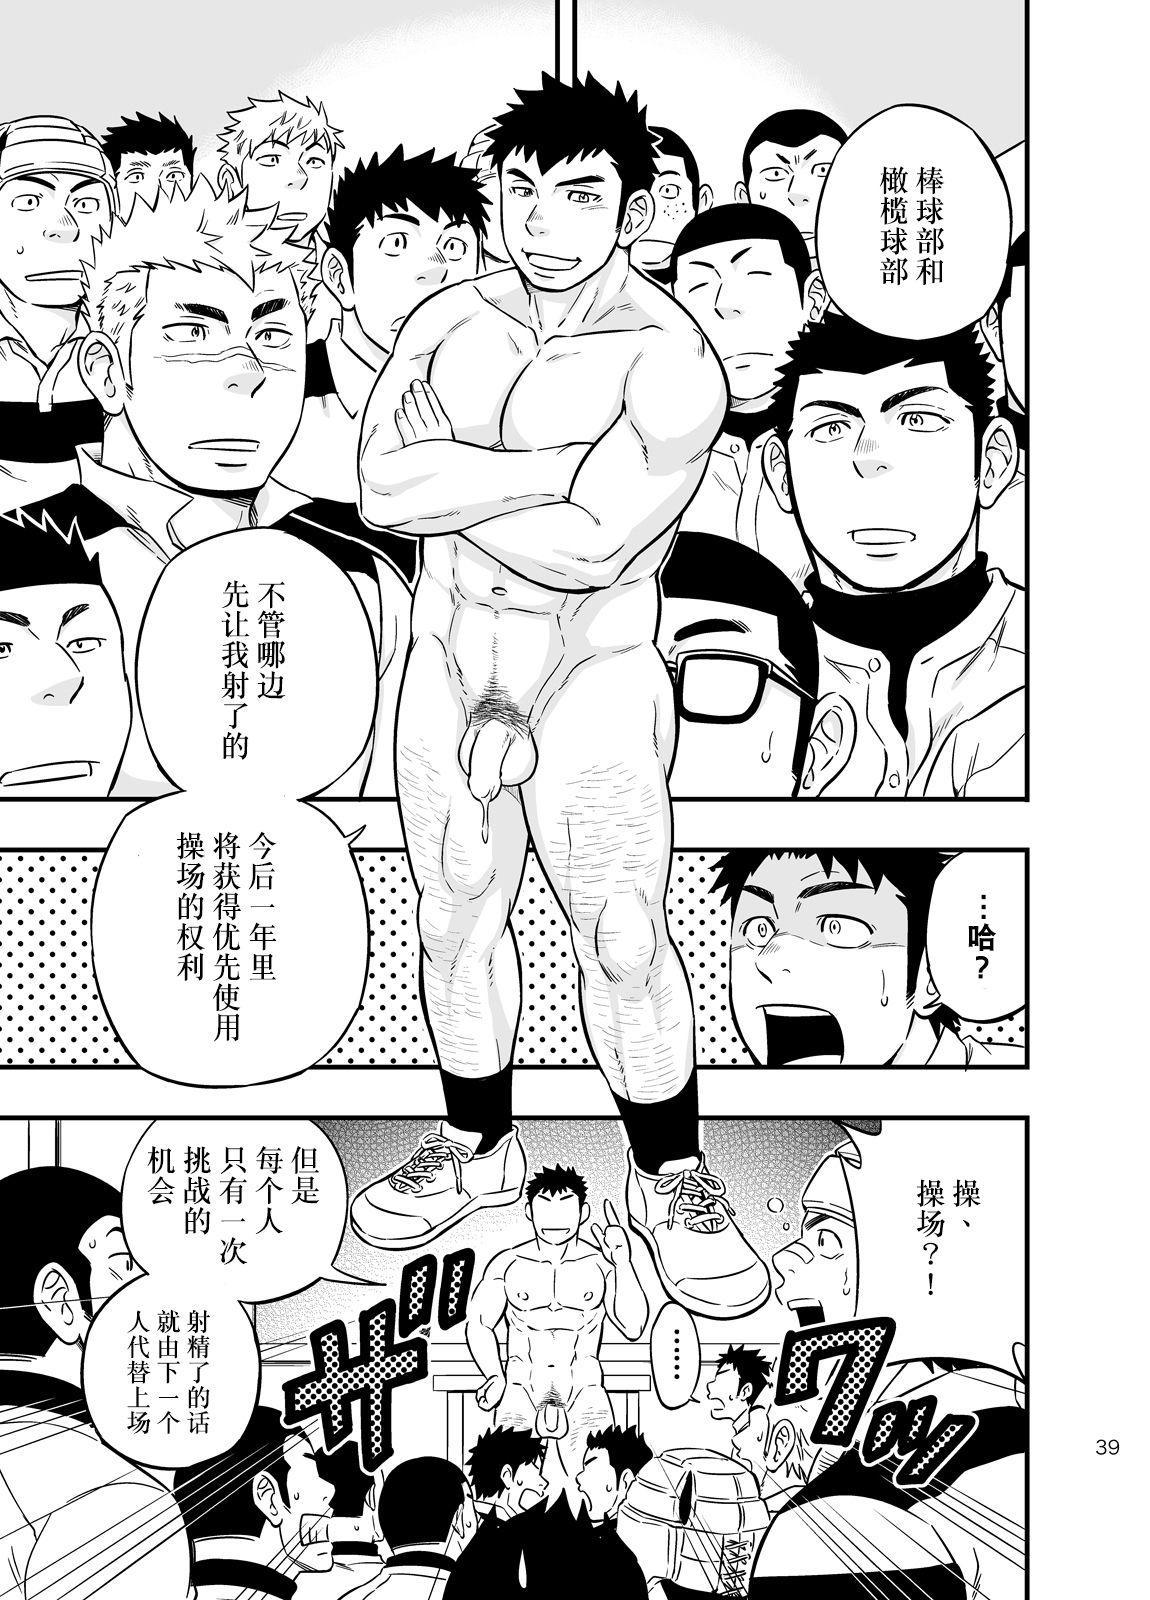 Moshimo Danshikou no Hoken Taiiku ga Jitsugi Ari Dattara 2 | 如果男校的保健体育课有实践环节的话 2 37